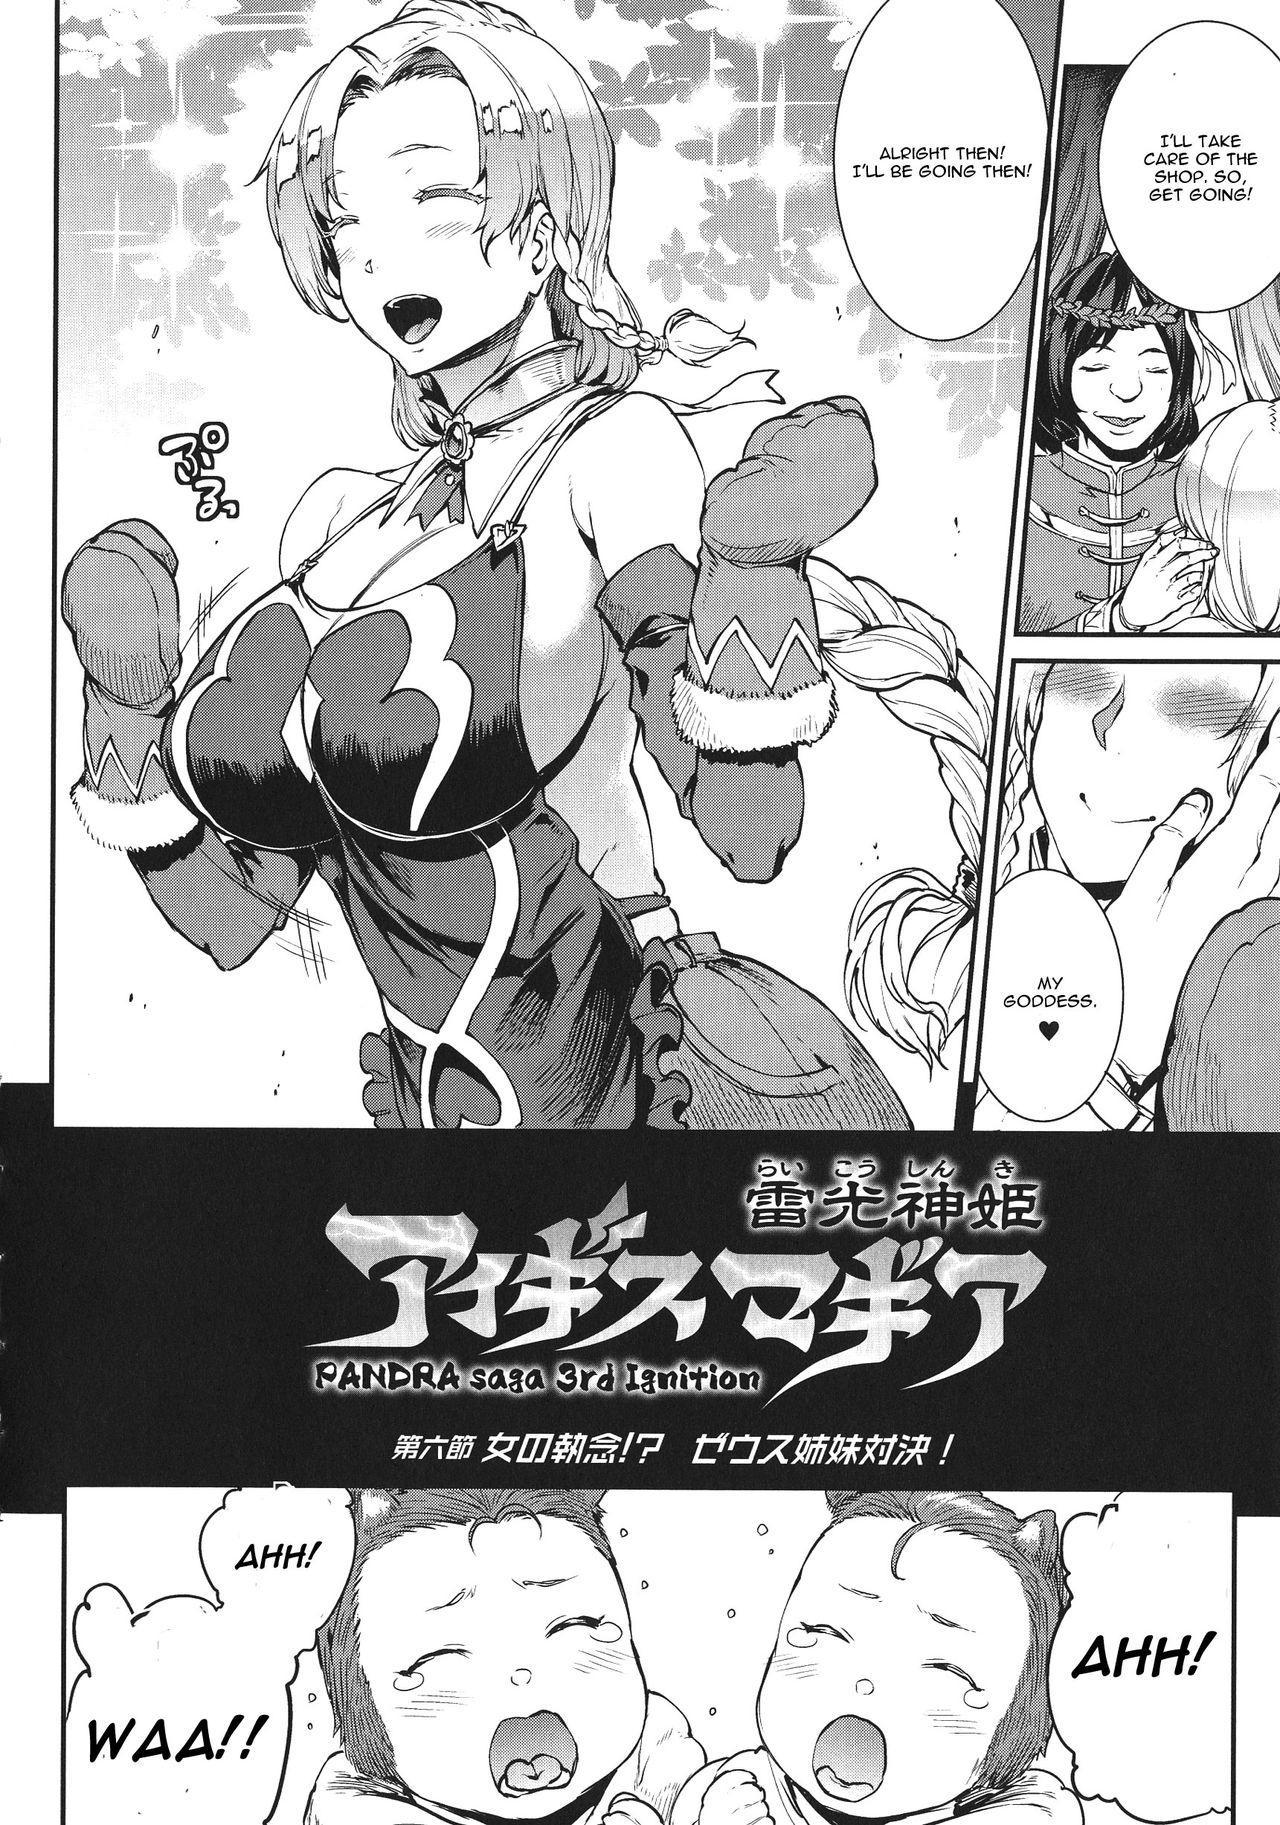 [Erect Sawaru] Raikou Shinki Igis Magia -PANDRA saga 3rd ignition- Ch. 1-7 + Medousa [English] [CGrascal] 129